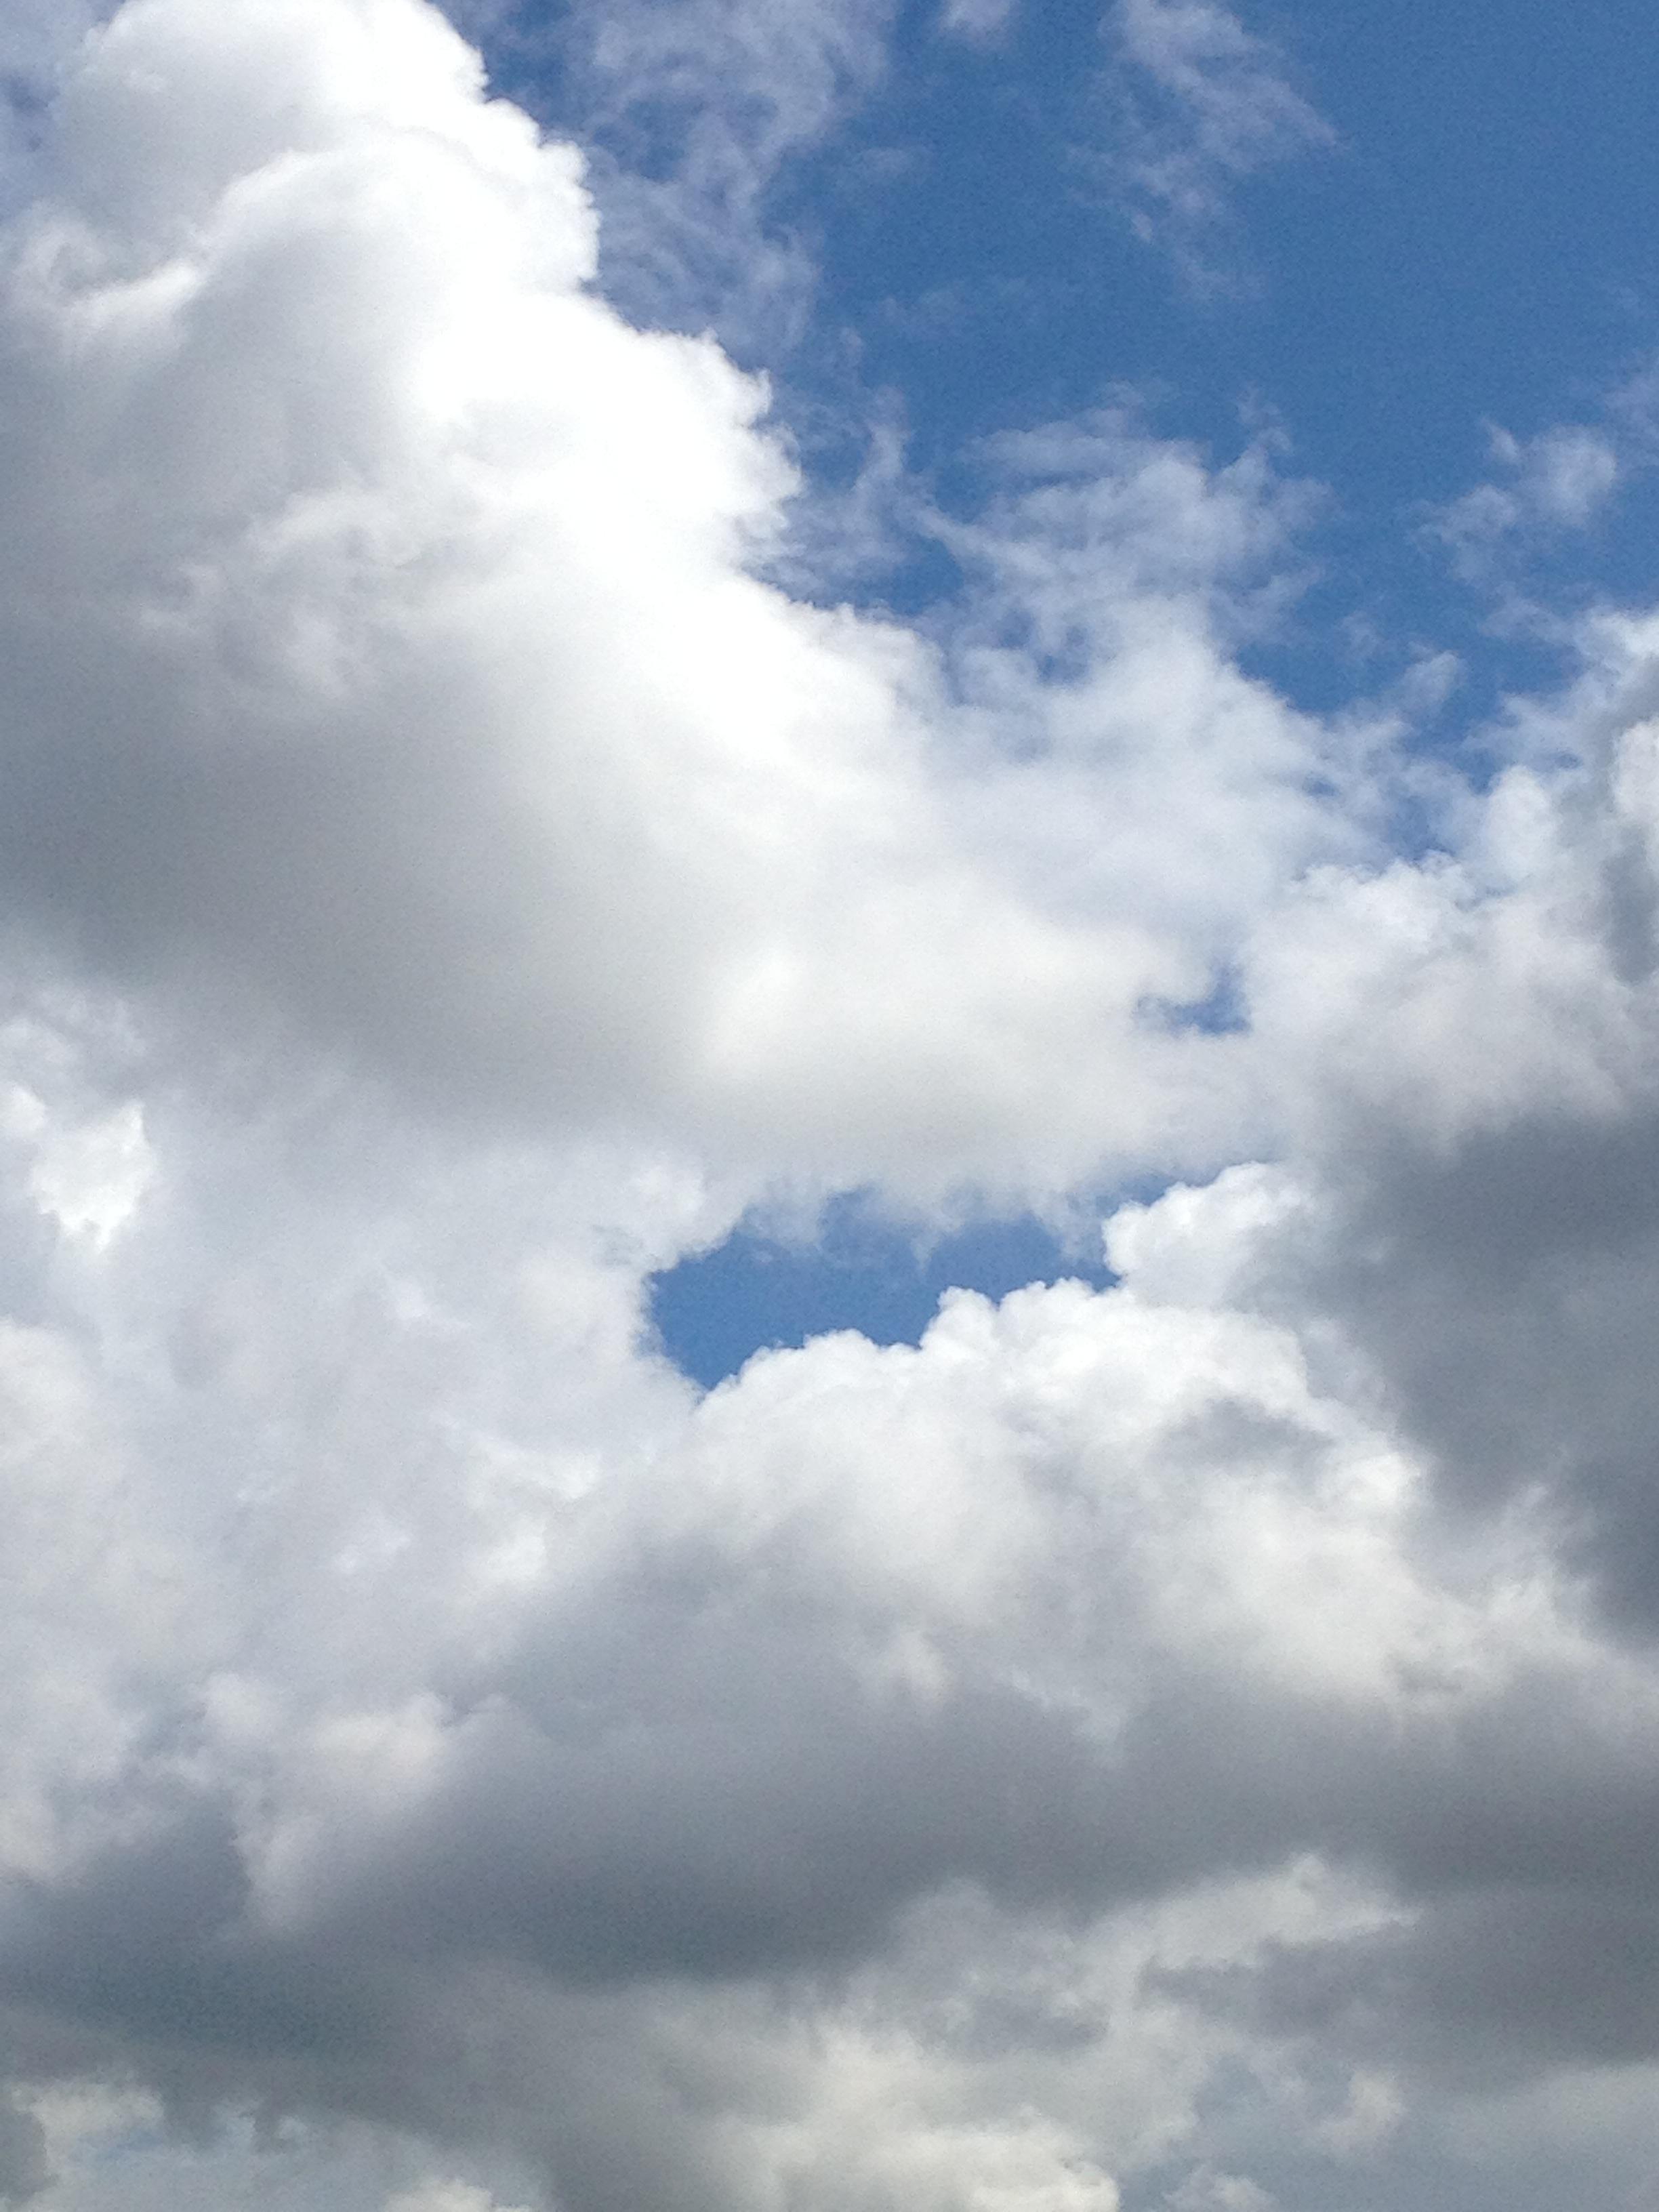 綺麗な雲の下に